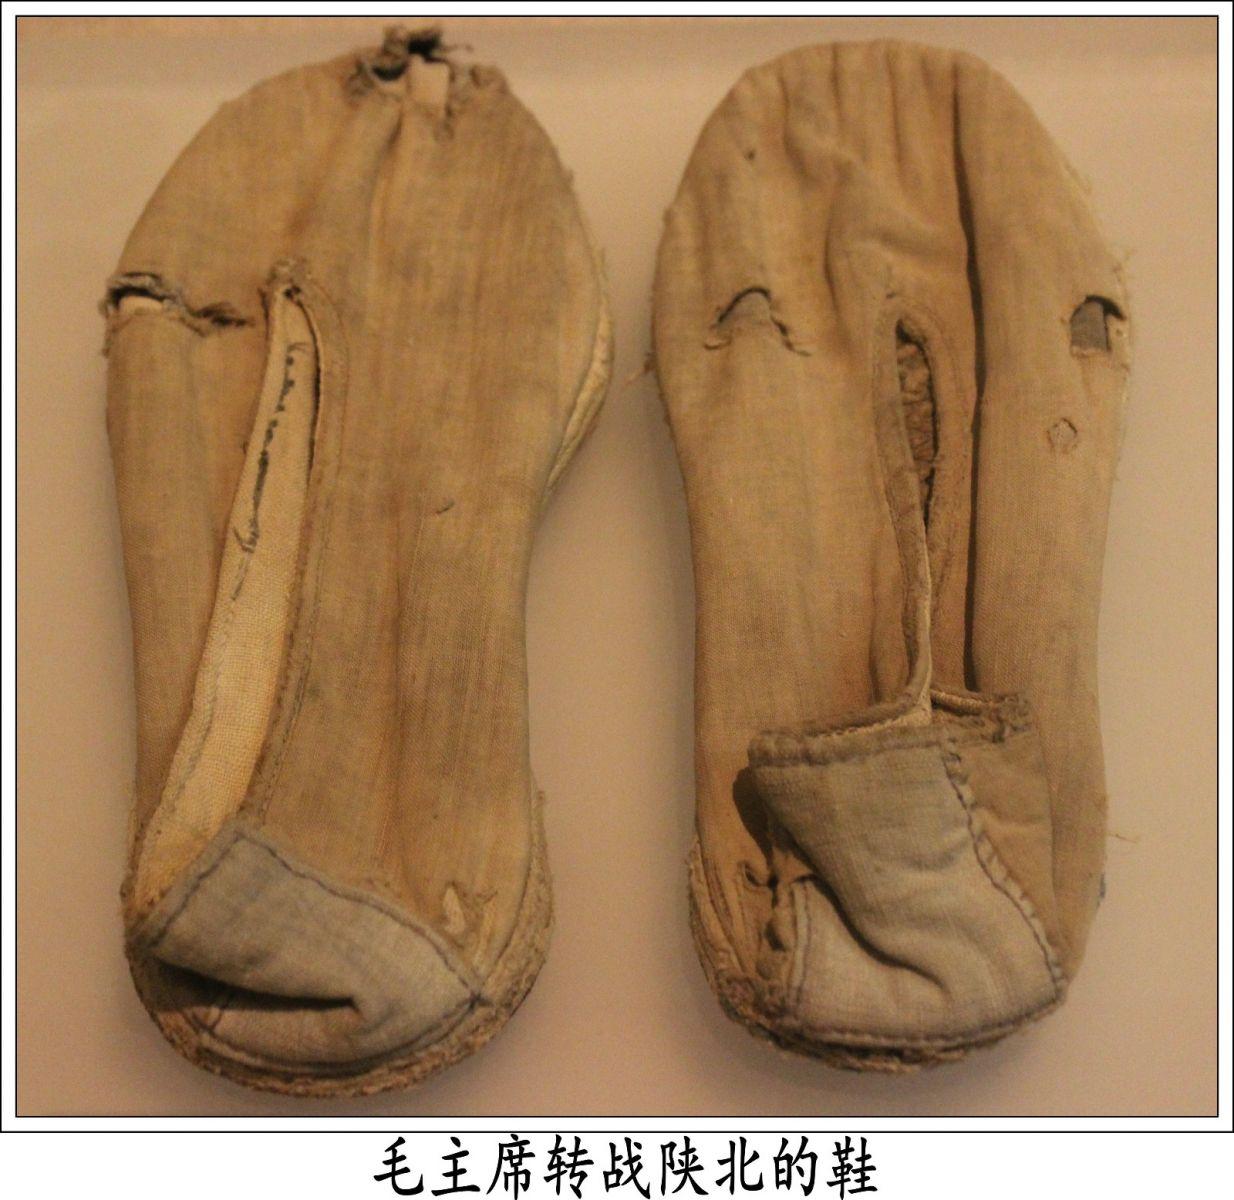 九月九日怀念毛主席(七律三首)_图1-2